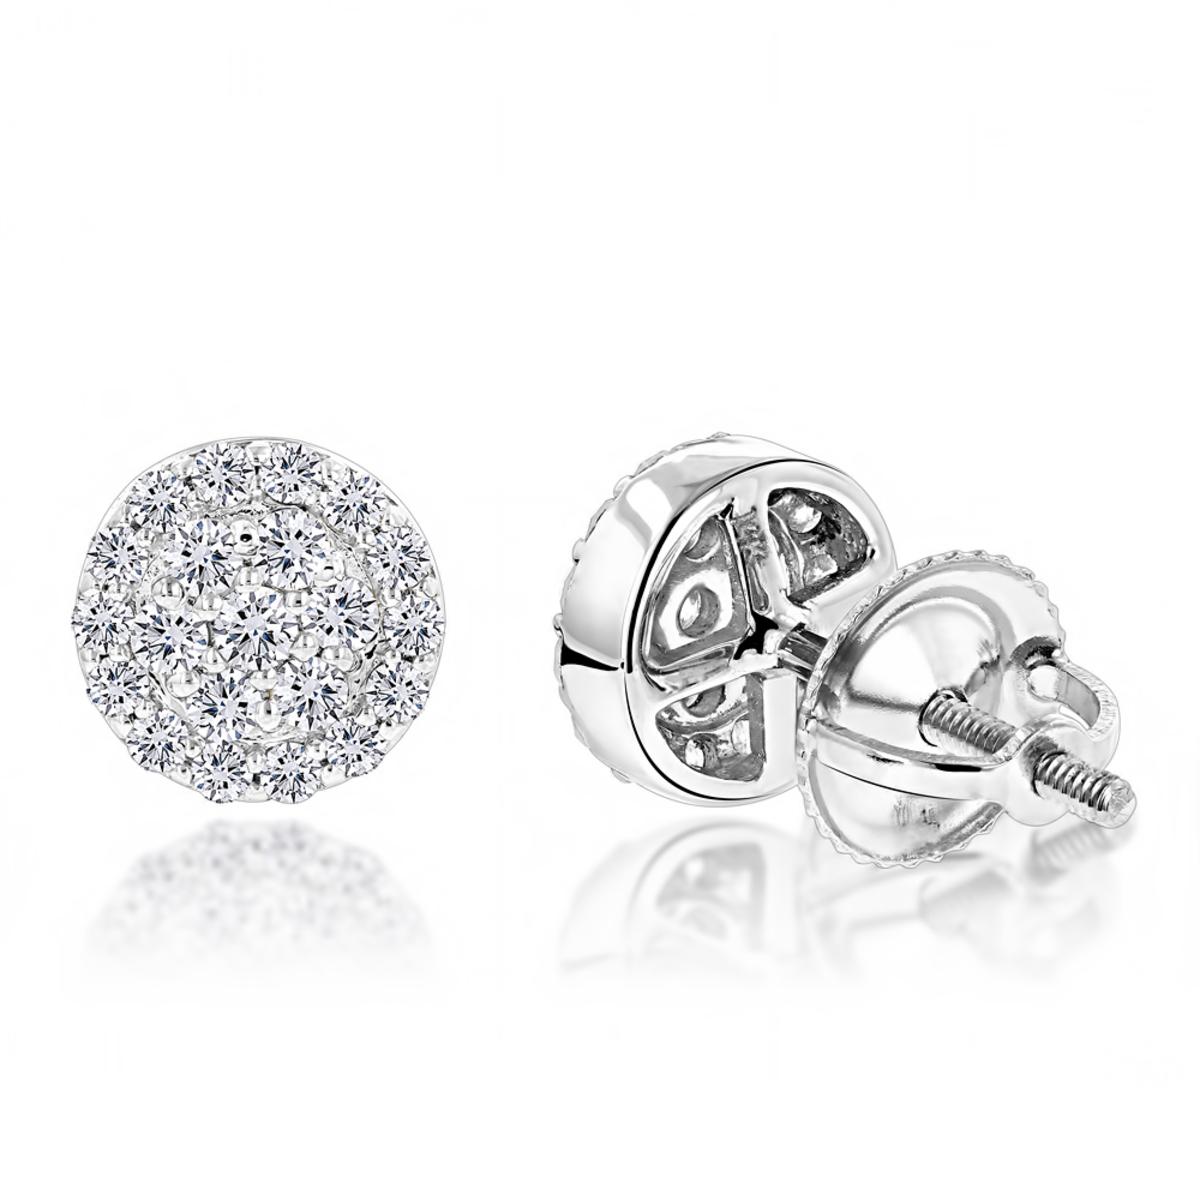 Designer 14K Gold Cluster Diamond Stud Earrings 0.43ct